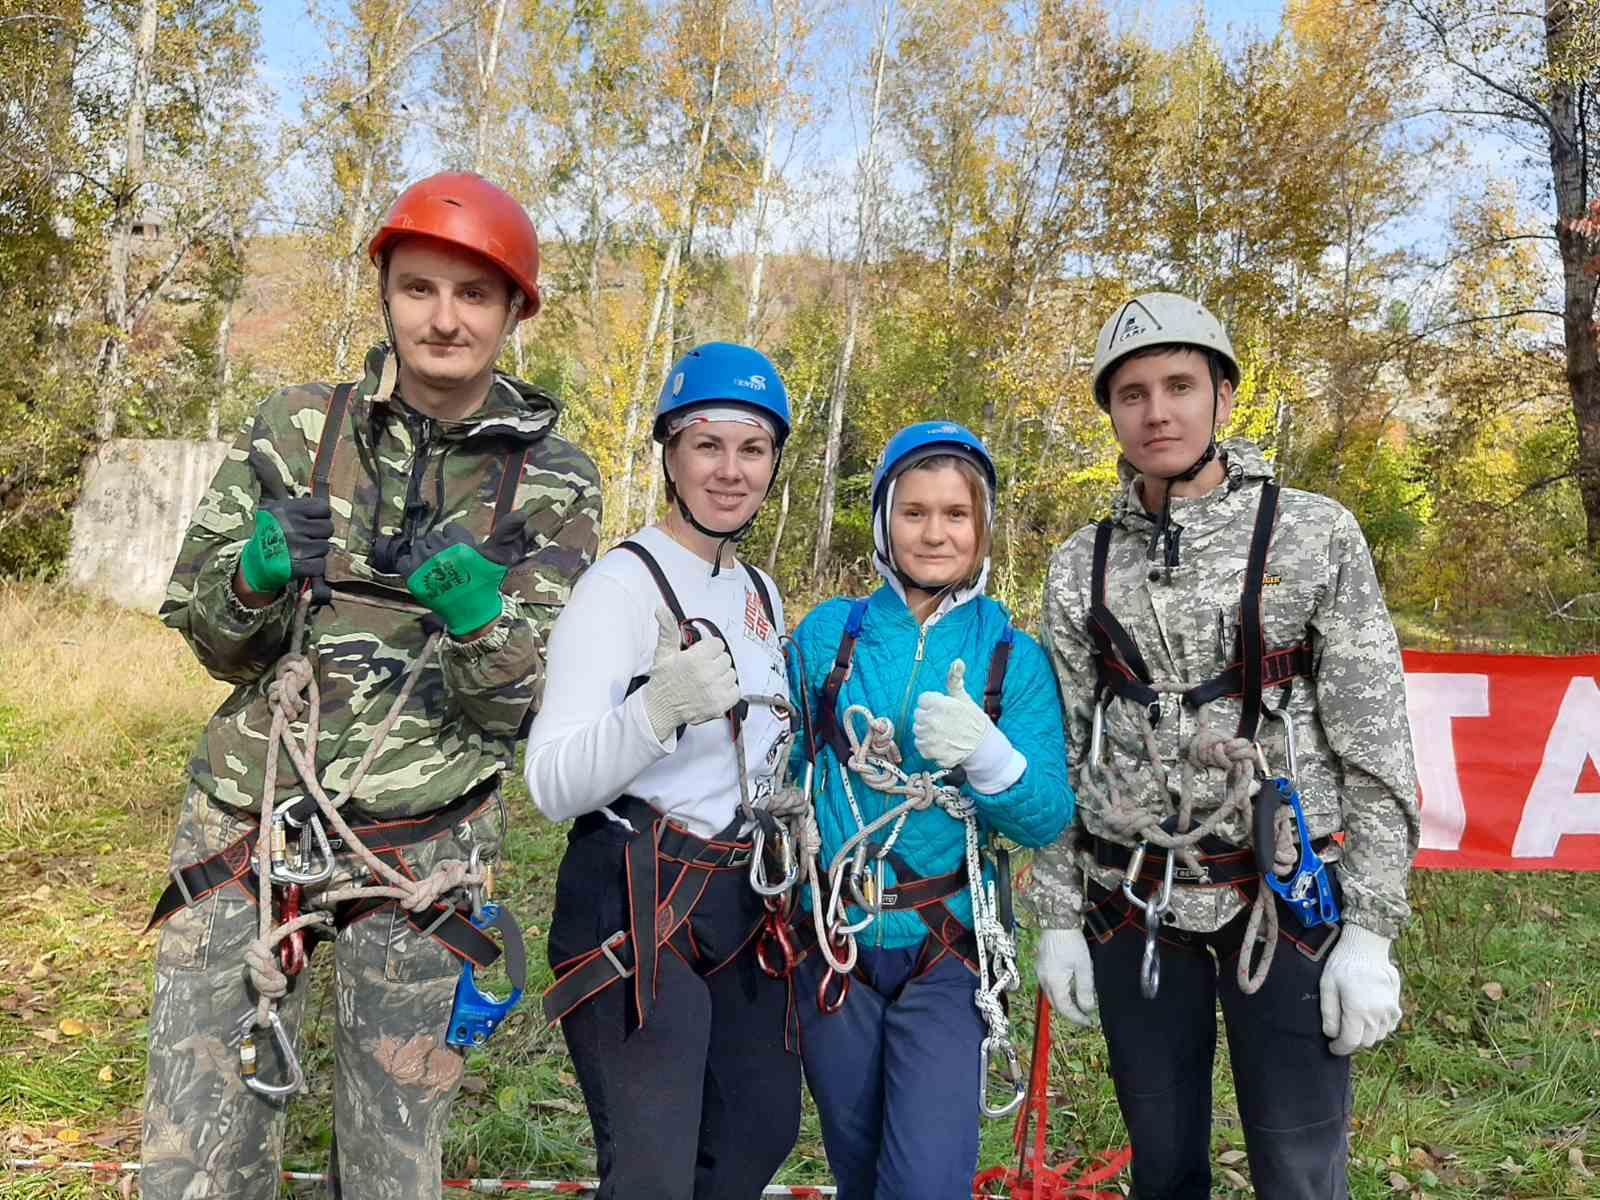 Команда РЦДО выступила на турслете педагогов Хакасии